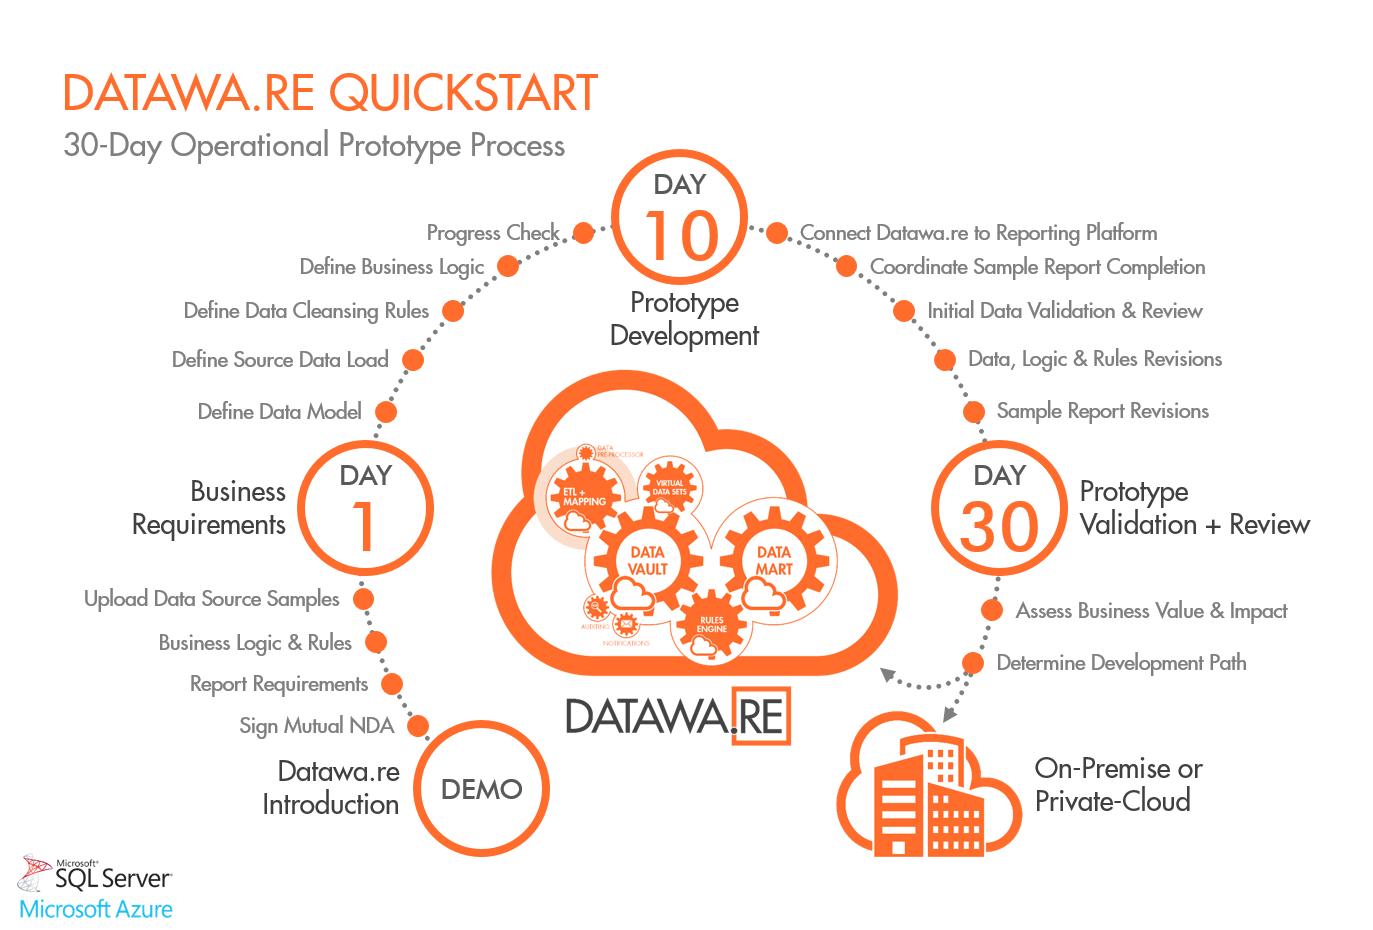 Dataware_QuickStart.png